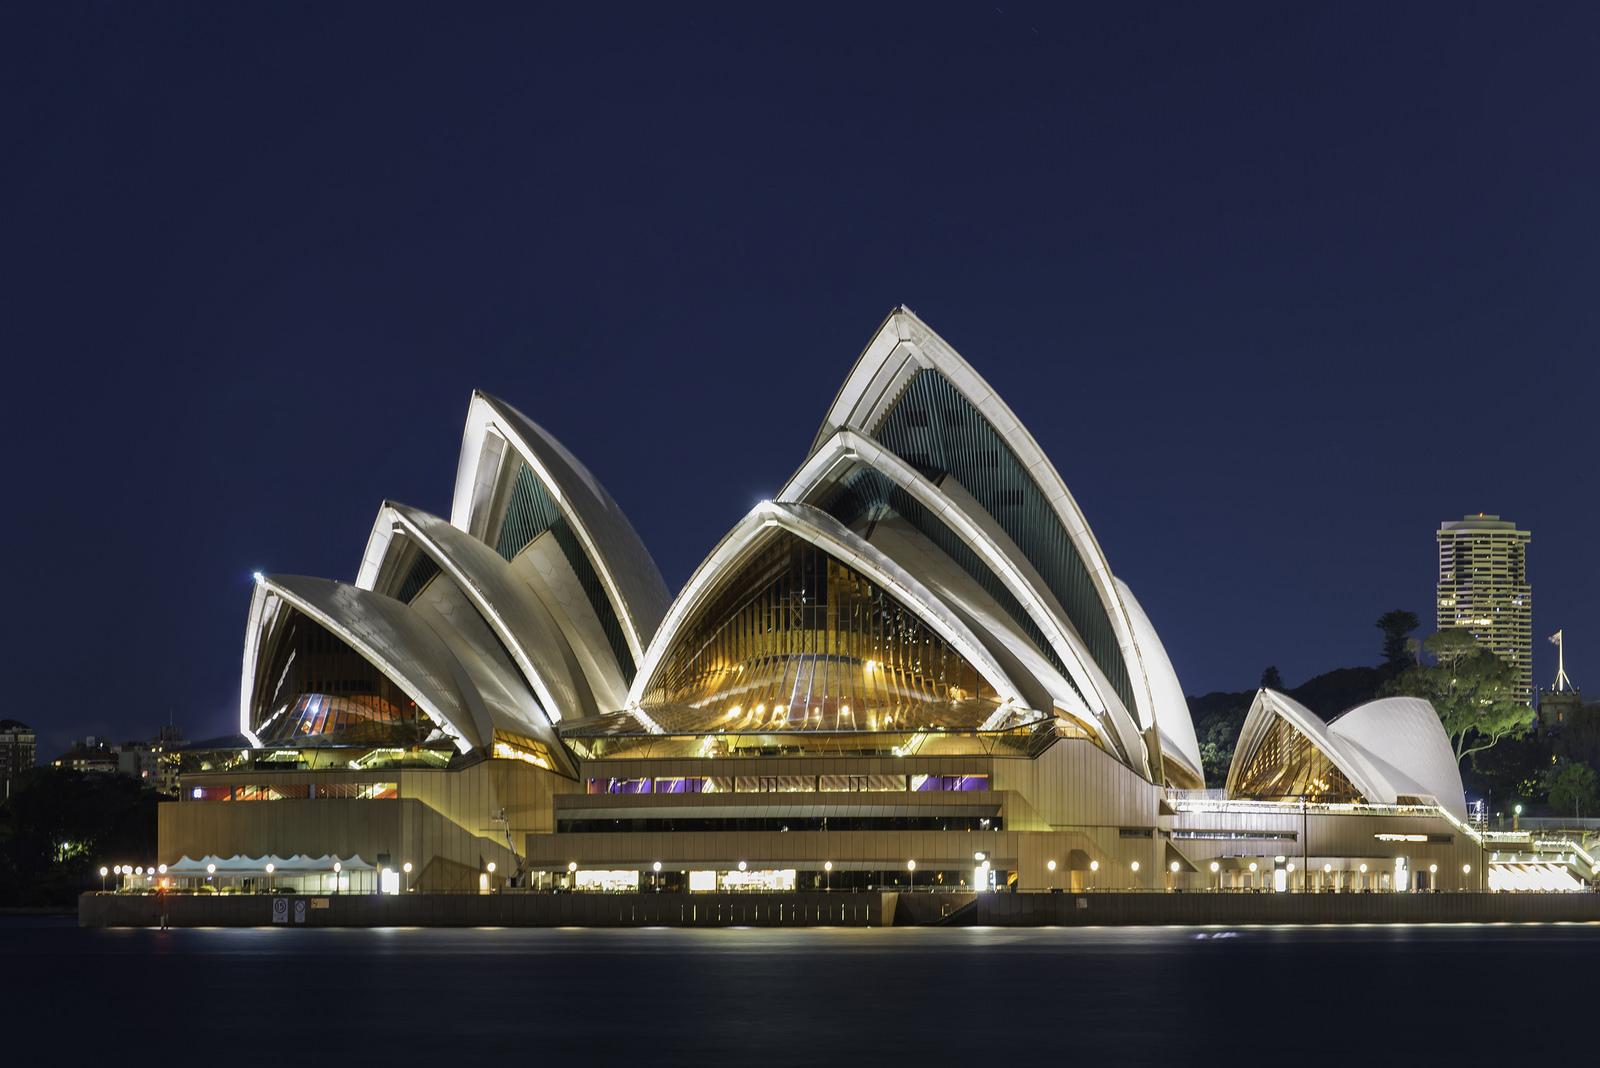 夜晚點亮燈光後,歌劇院又會呈現與白天不同的氛圍。(Flickr授權作者-Lenny K Photography)